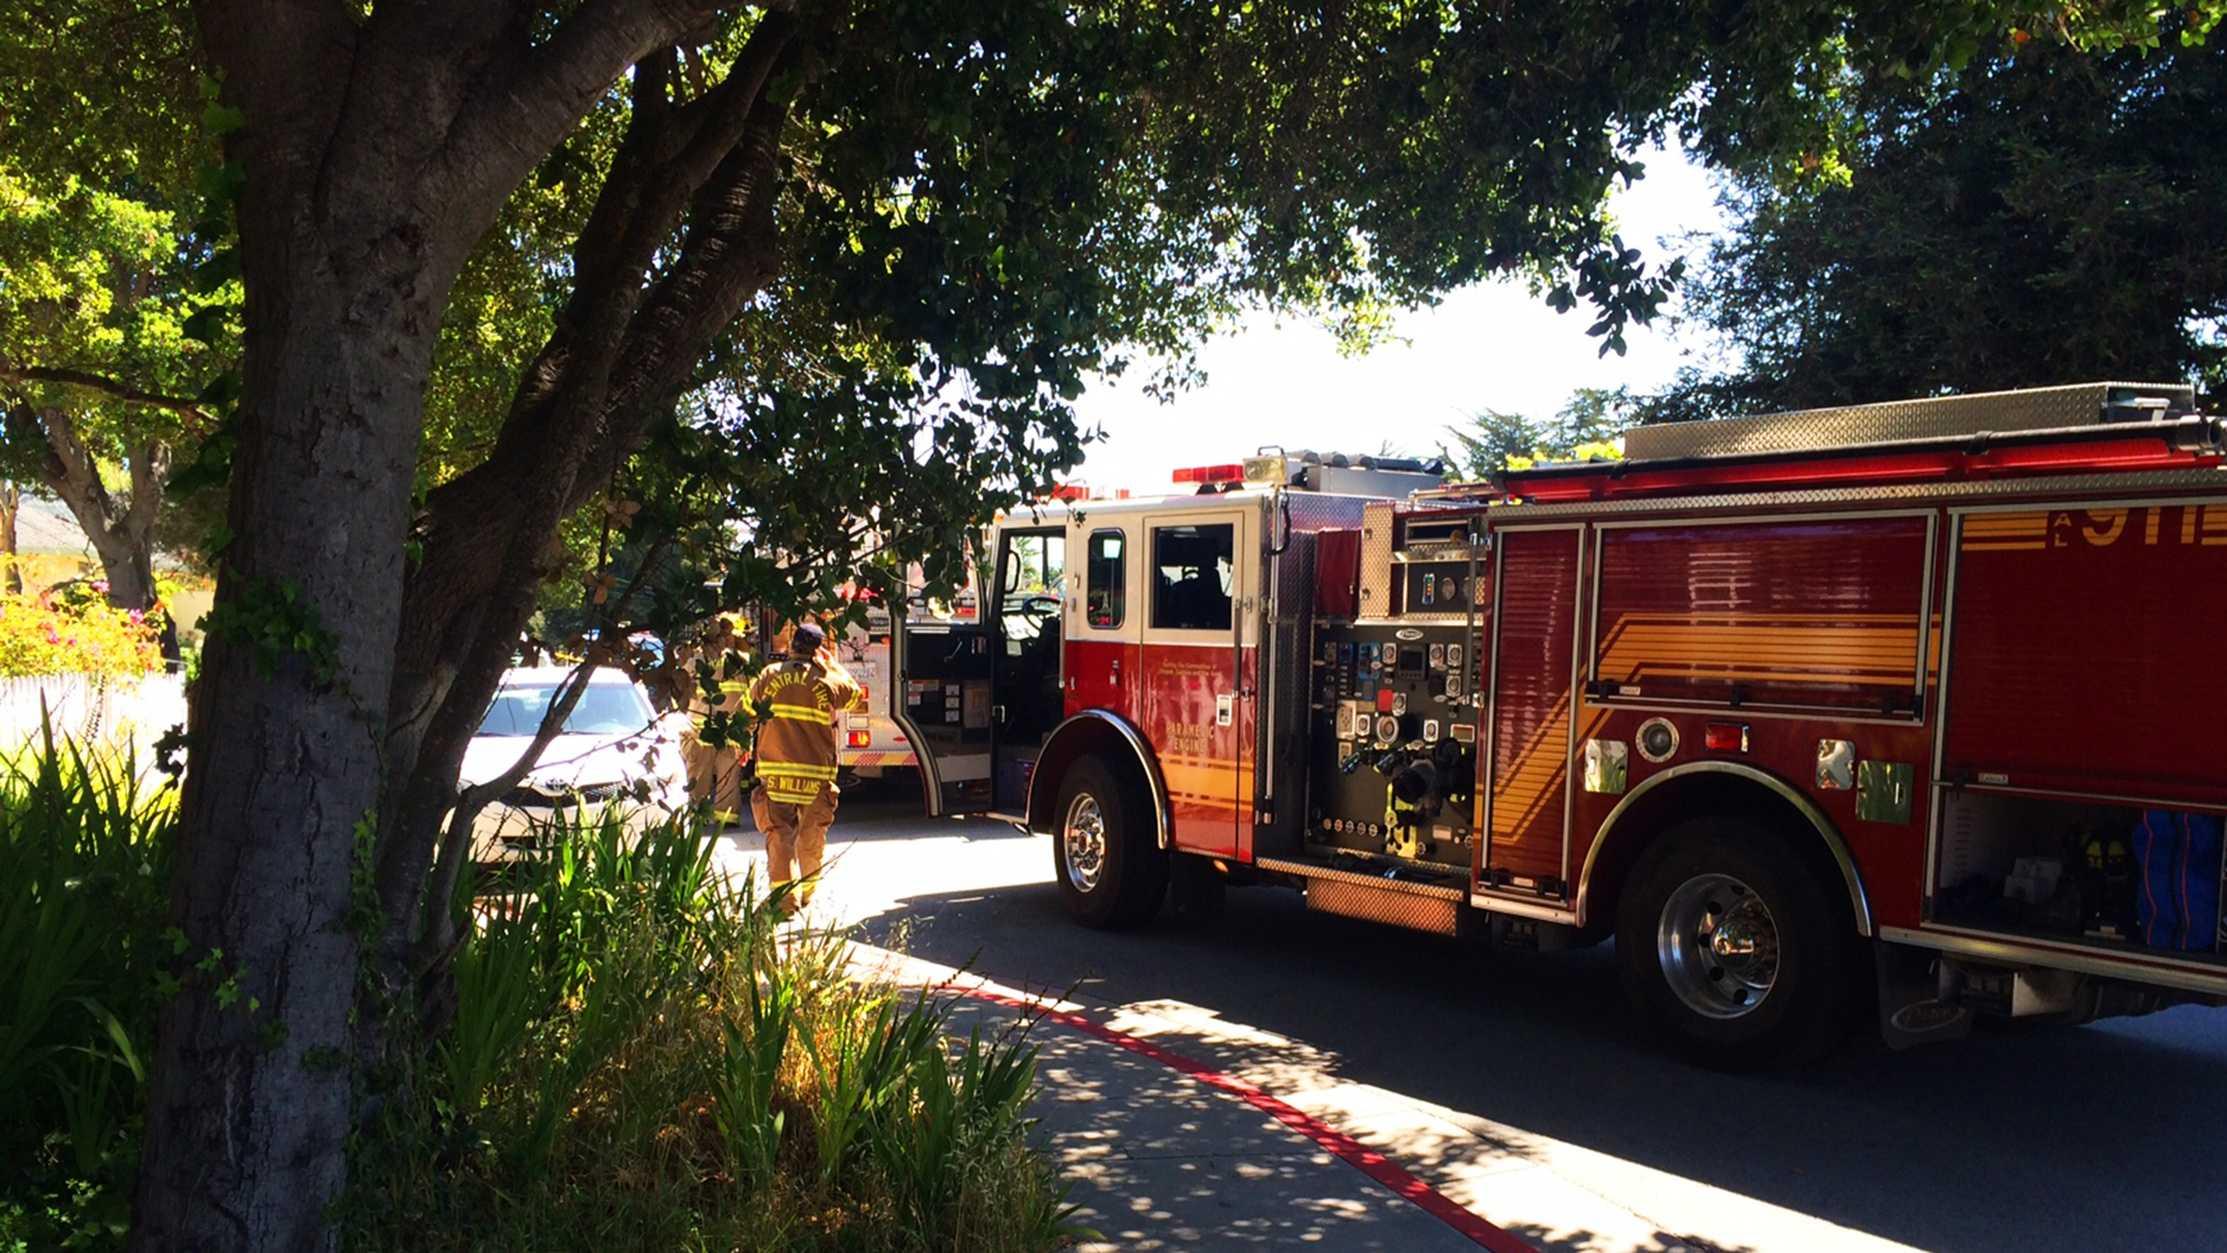 Santa Cruz fire